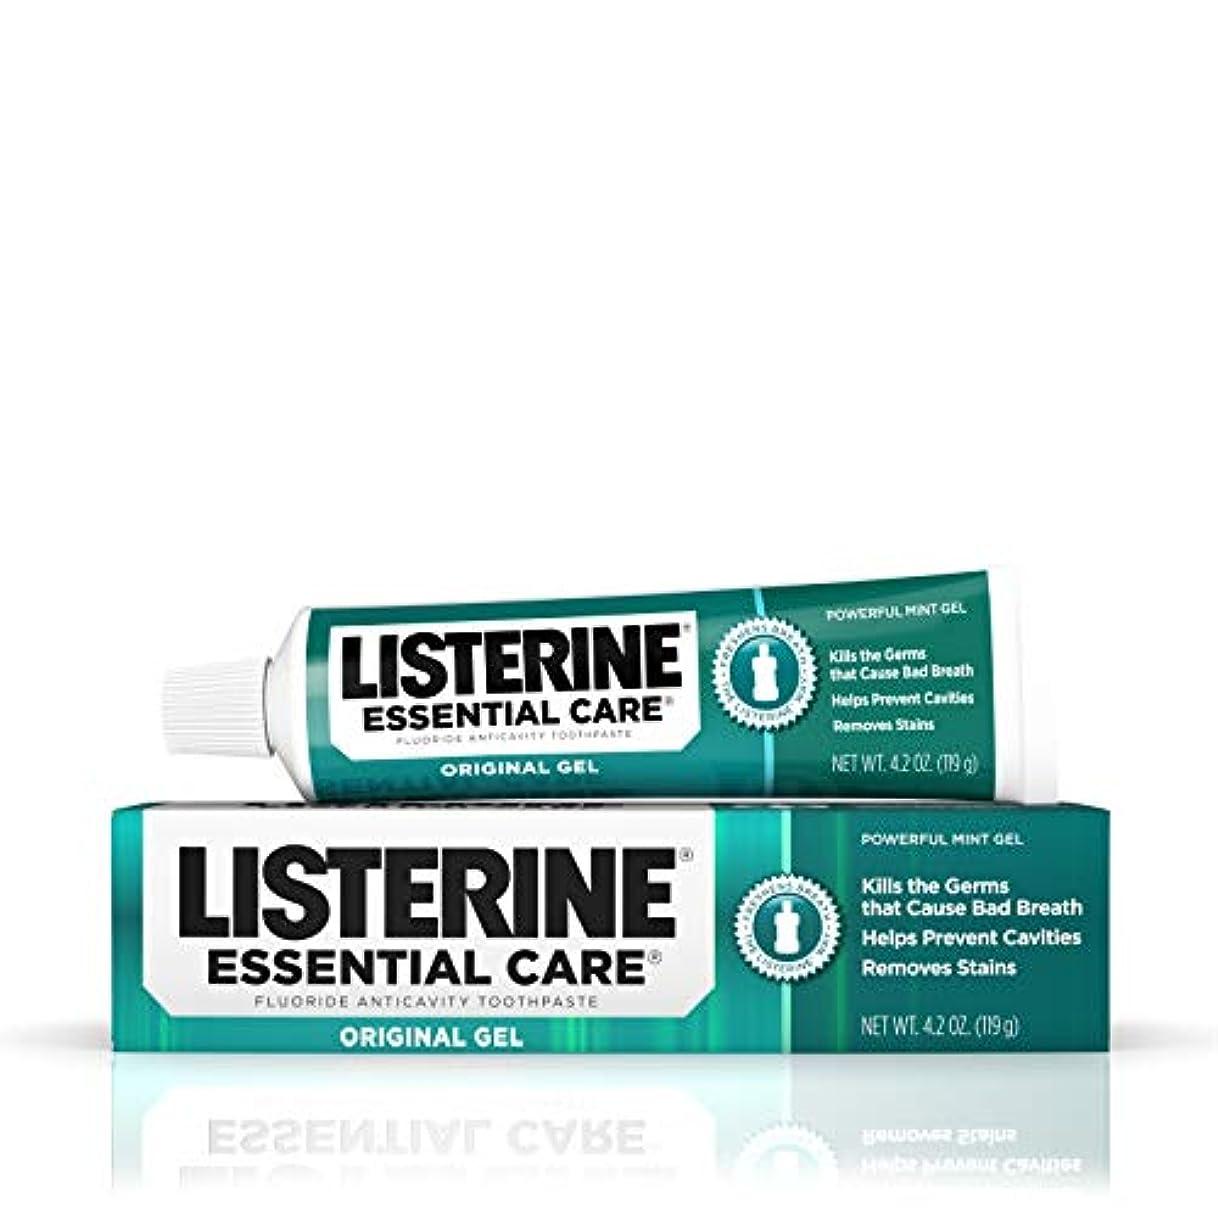 謎東方ジェット海外直送品Listerine Essential Care Toothpaste Gel Original, Powerful Mint 4.2 oz by Listerine